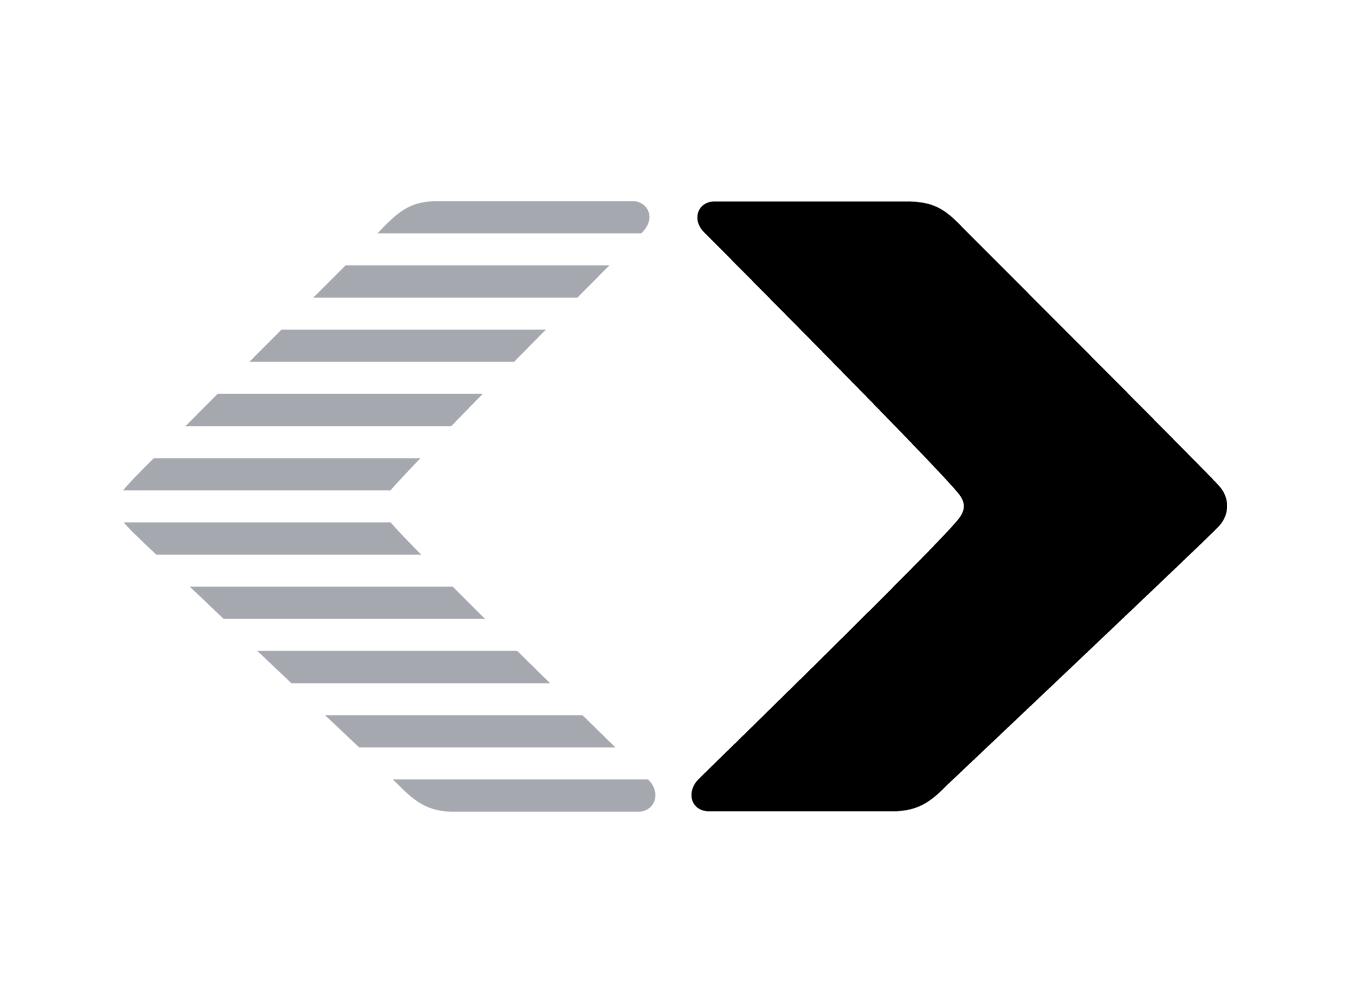 FORXAIのシンボル